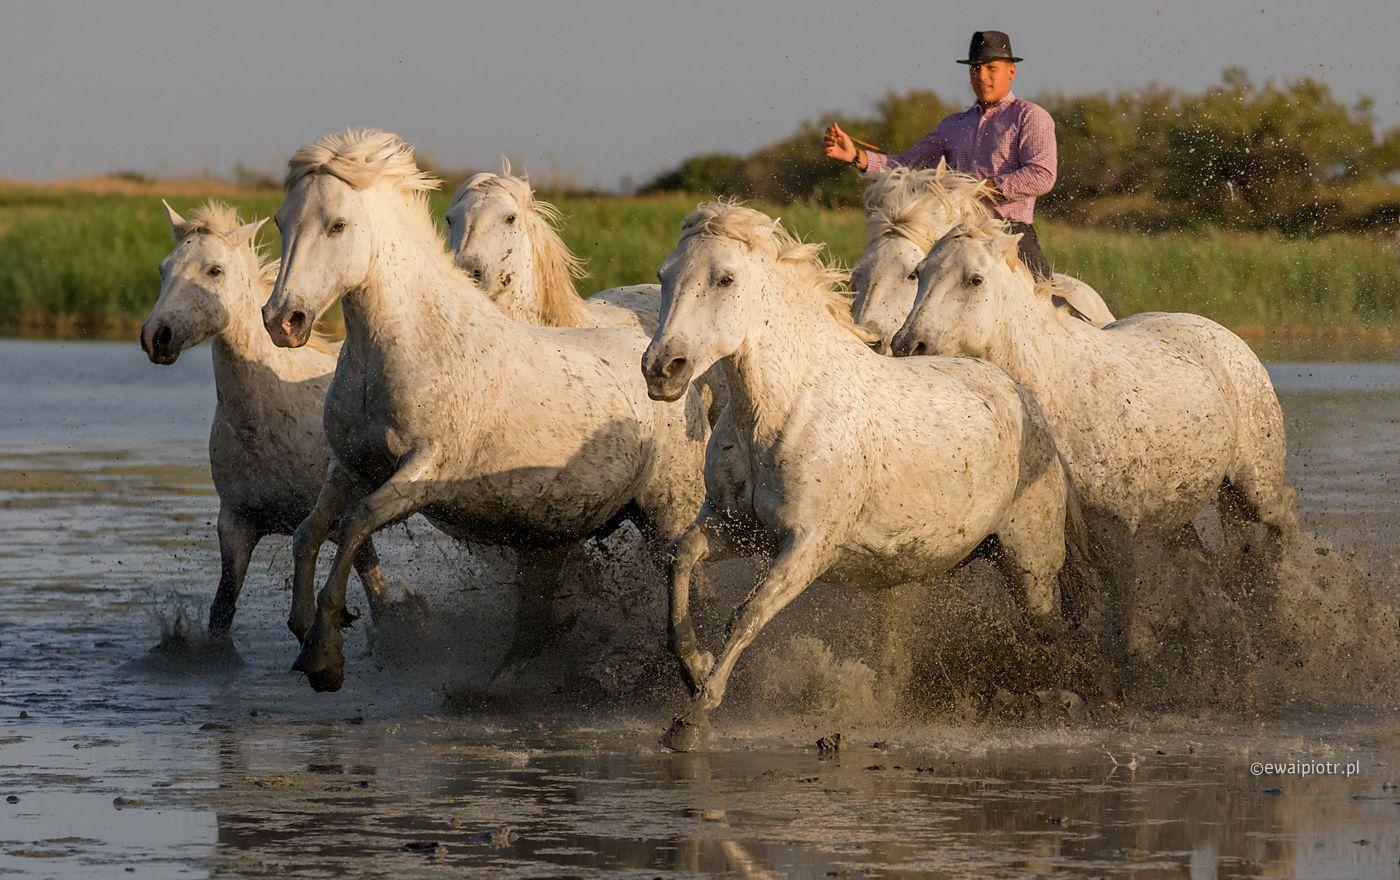 Białe konie w galopie, Camargue, Prowansja, liczba klatek na sekundę, tryb seryjny